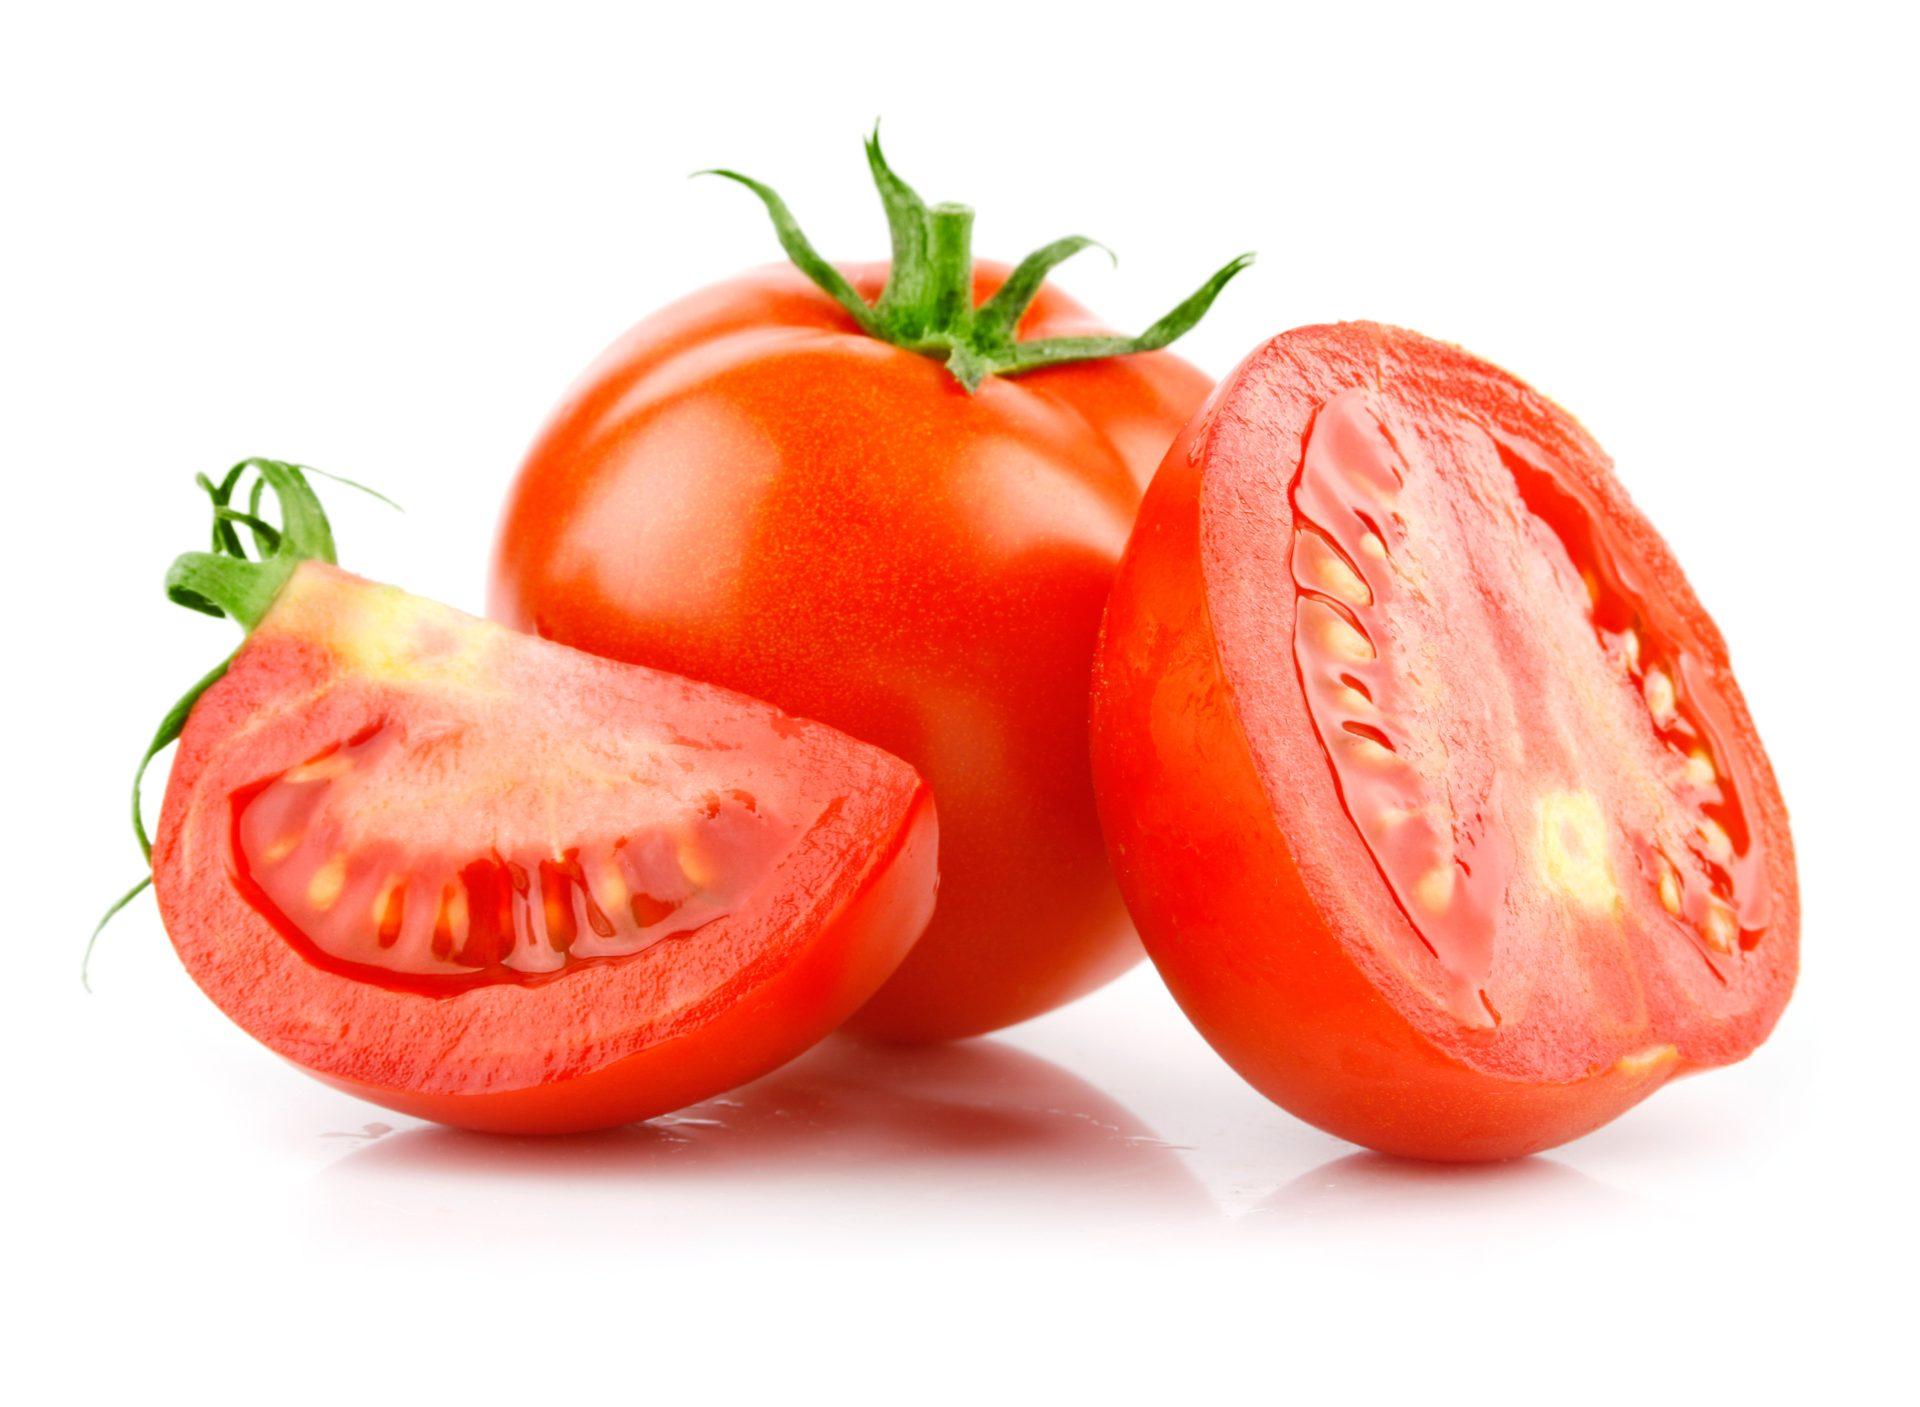 tomate alles ber die tomate. Black Bedroom Furniture Sets. Home Design Ideas